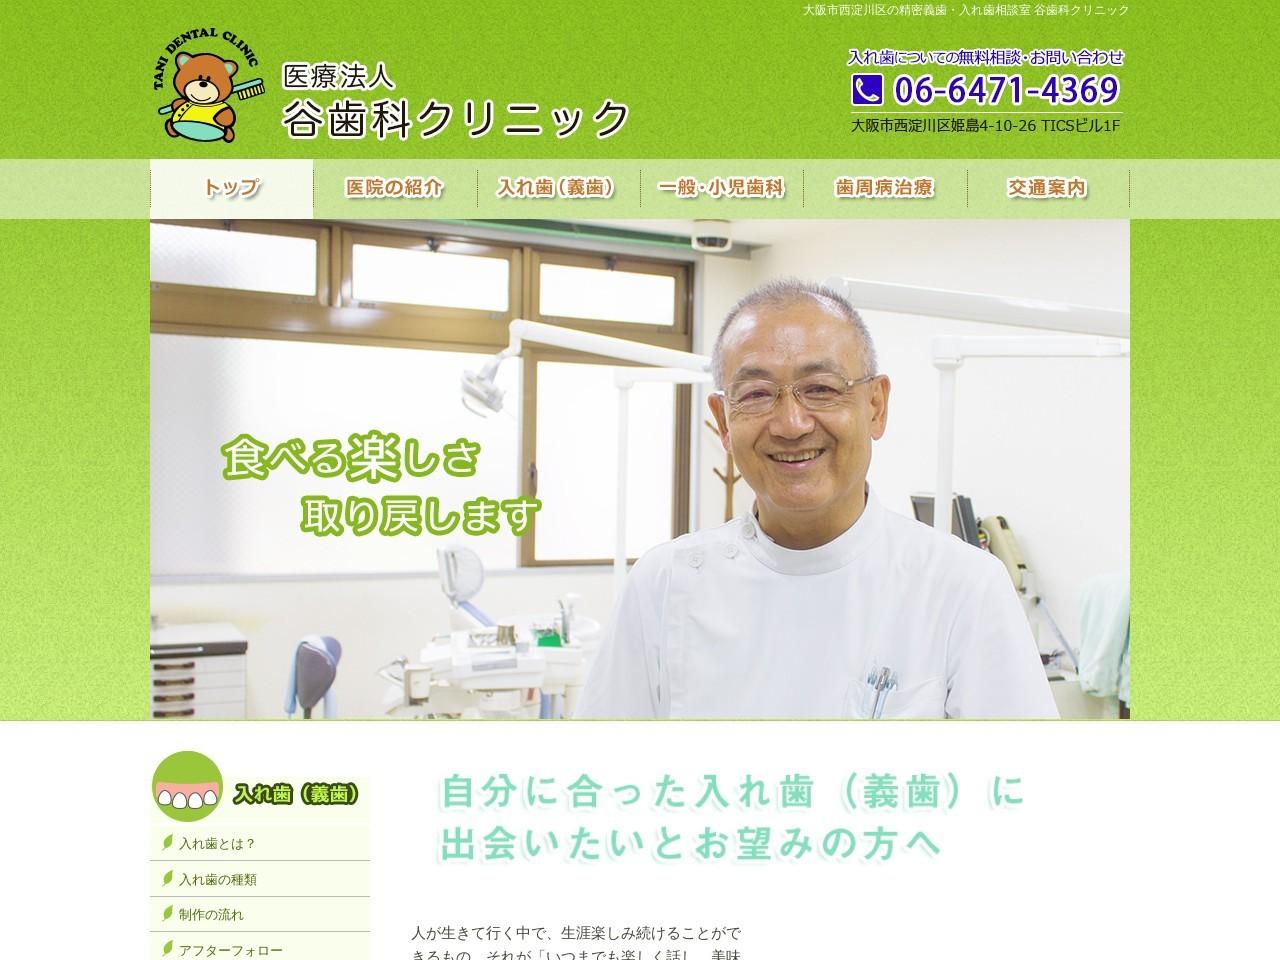 医療法人  谷歯科クリニック (大阪府大阪市西淀川区)